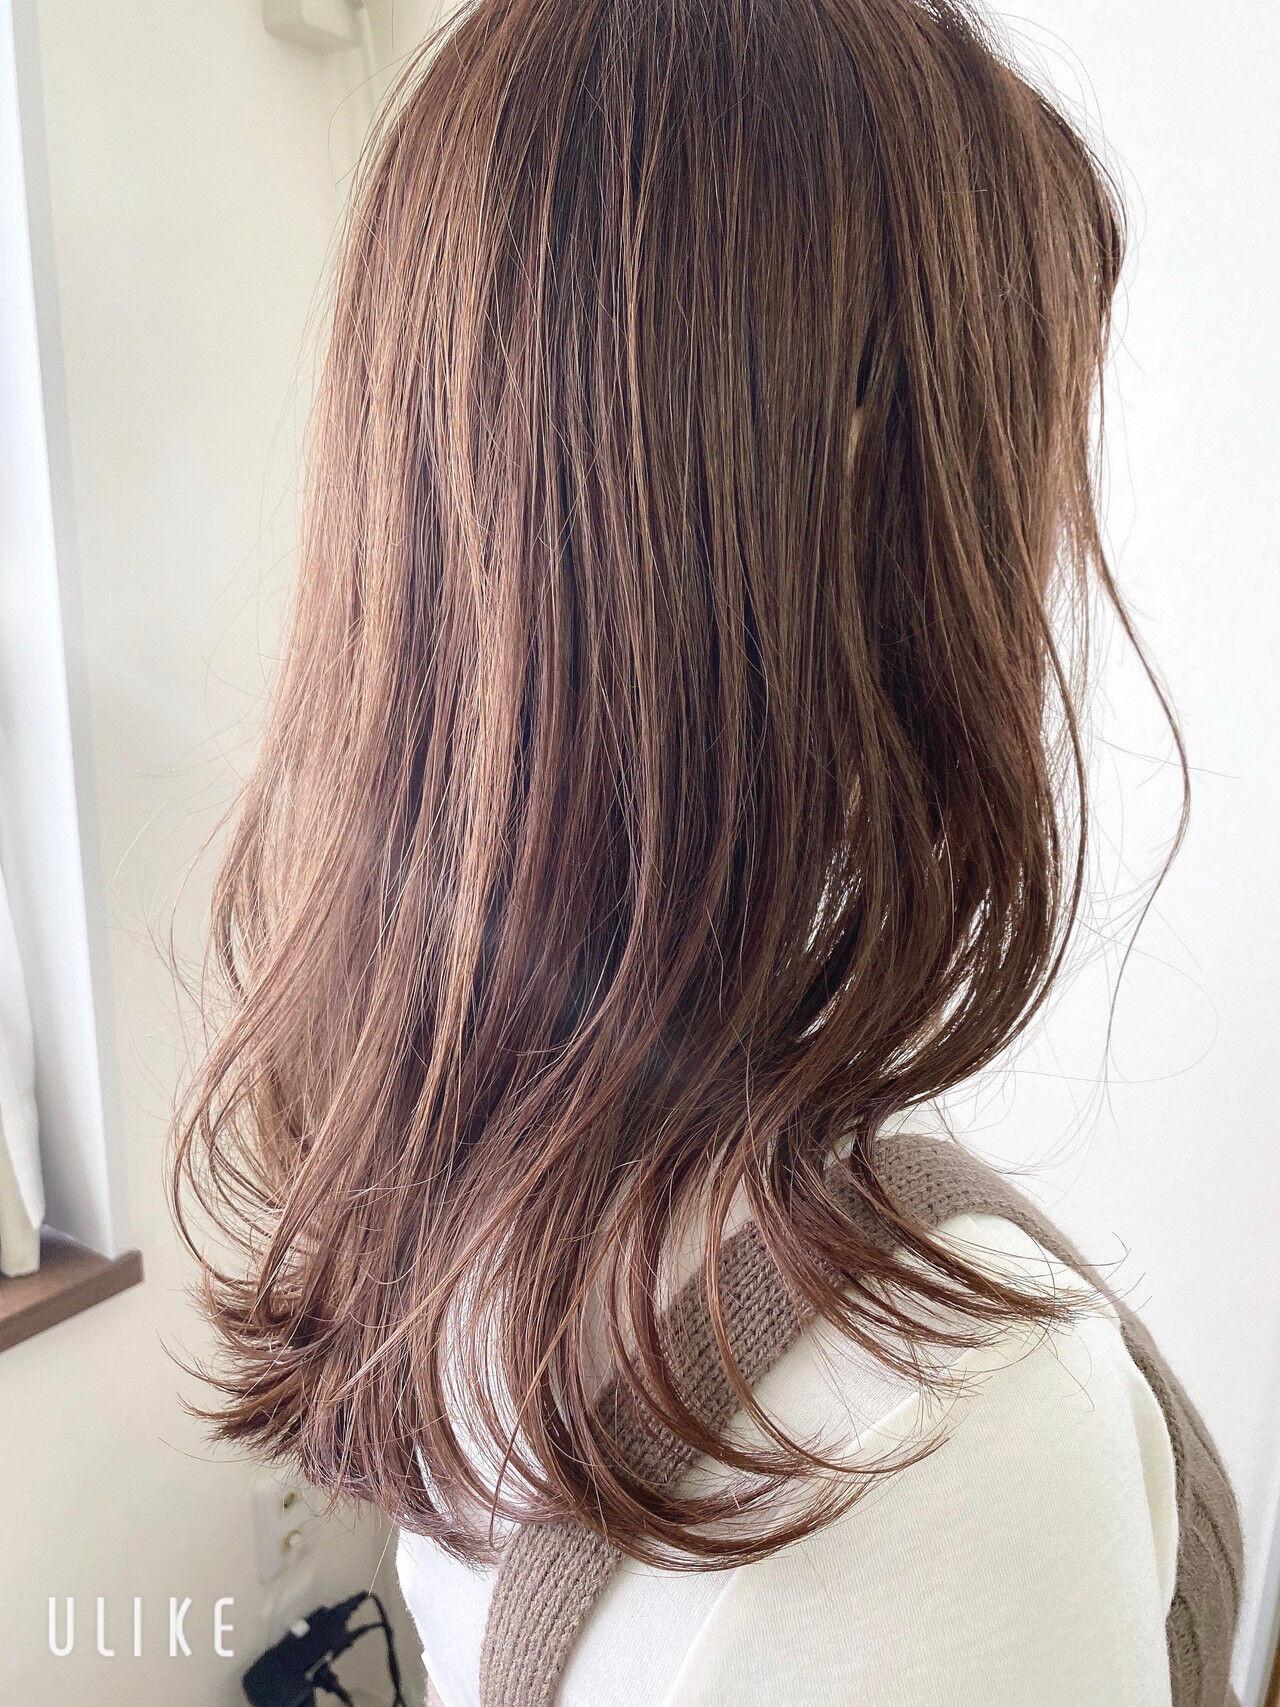 グレージュ 大人ハイライト フェミニン ミルクティーベージュ ヘアスタイルや髪型の写真・画像